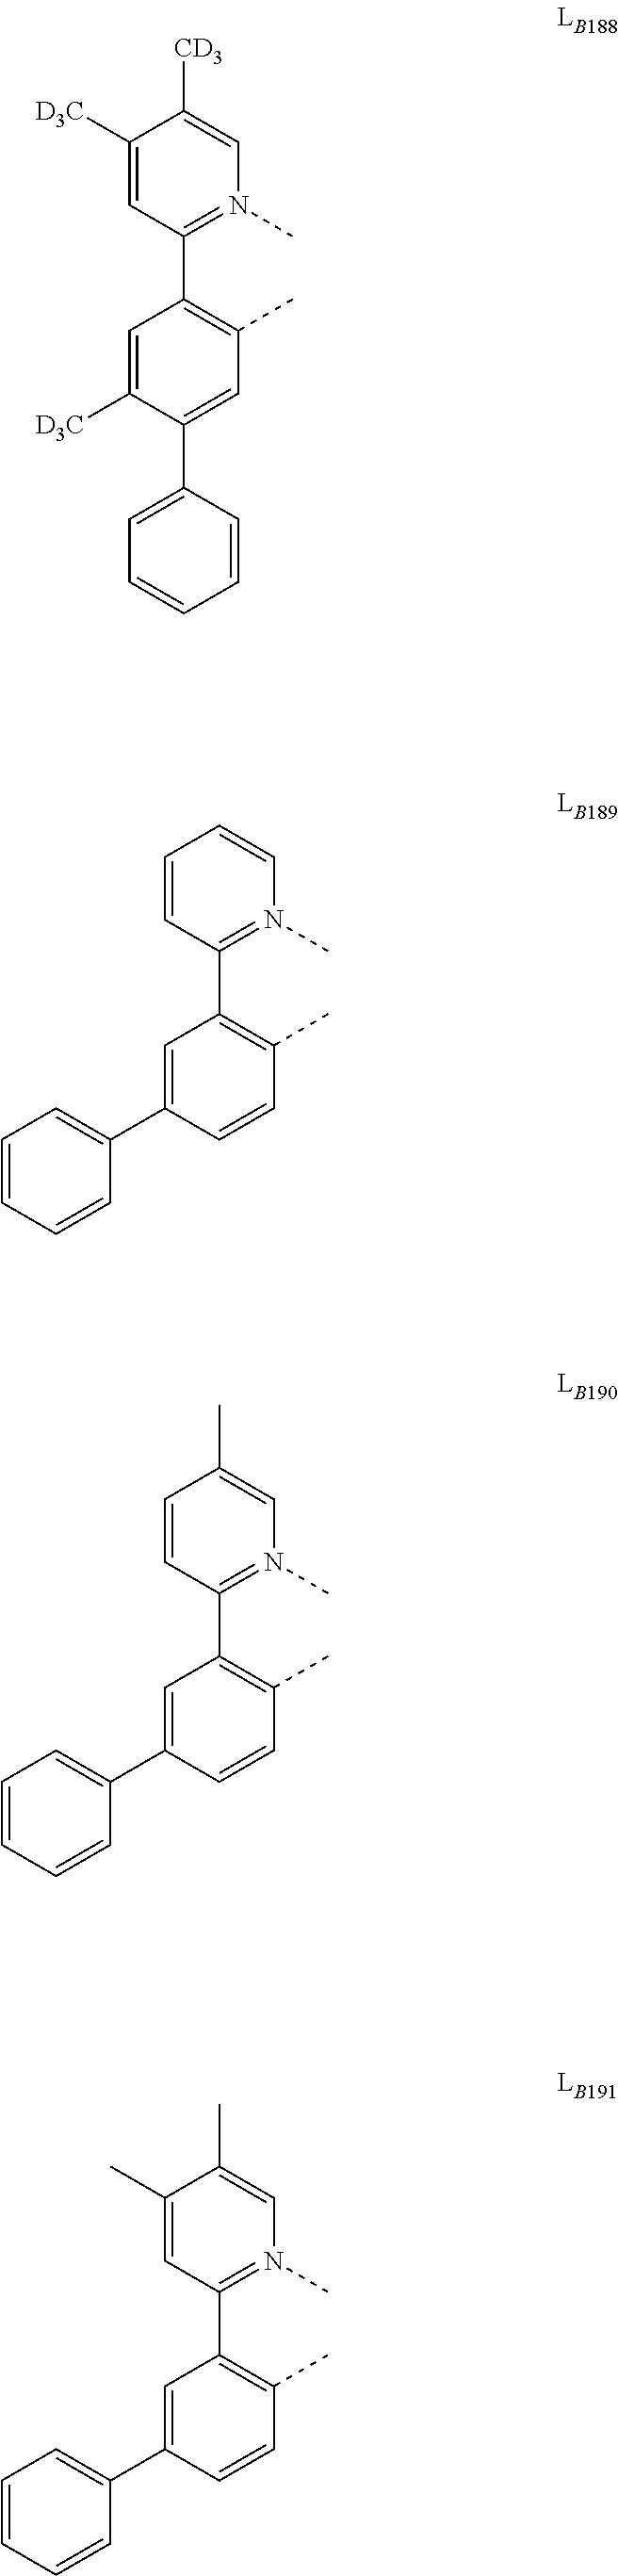 Figure US09929360-20180327-C00078